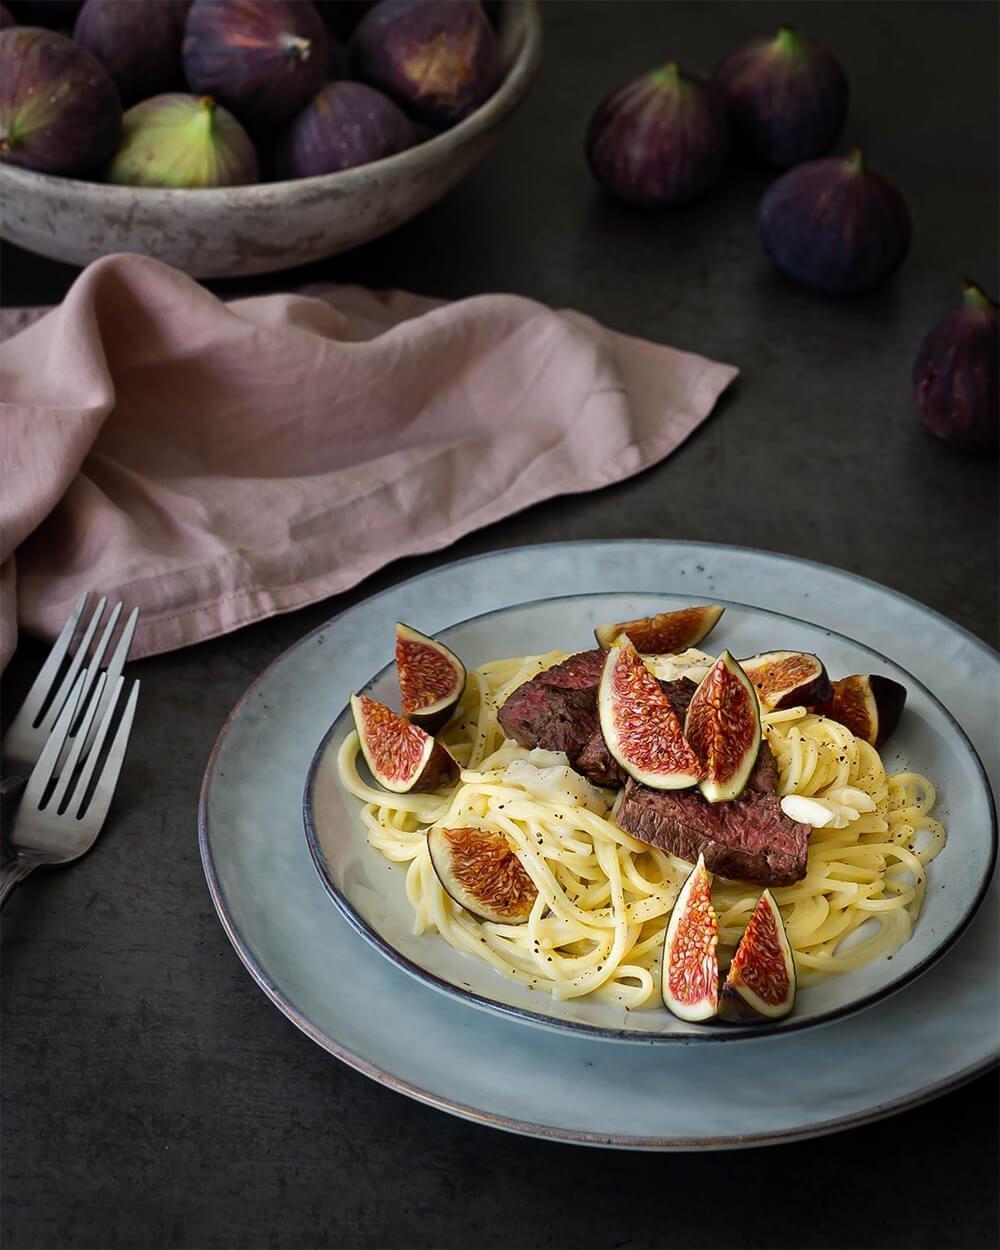 Spaghetti in Gorgonzolasauce mit frischen Feigen und Rinderhüftsteak